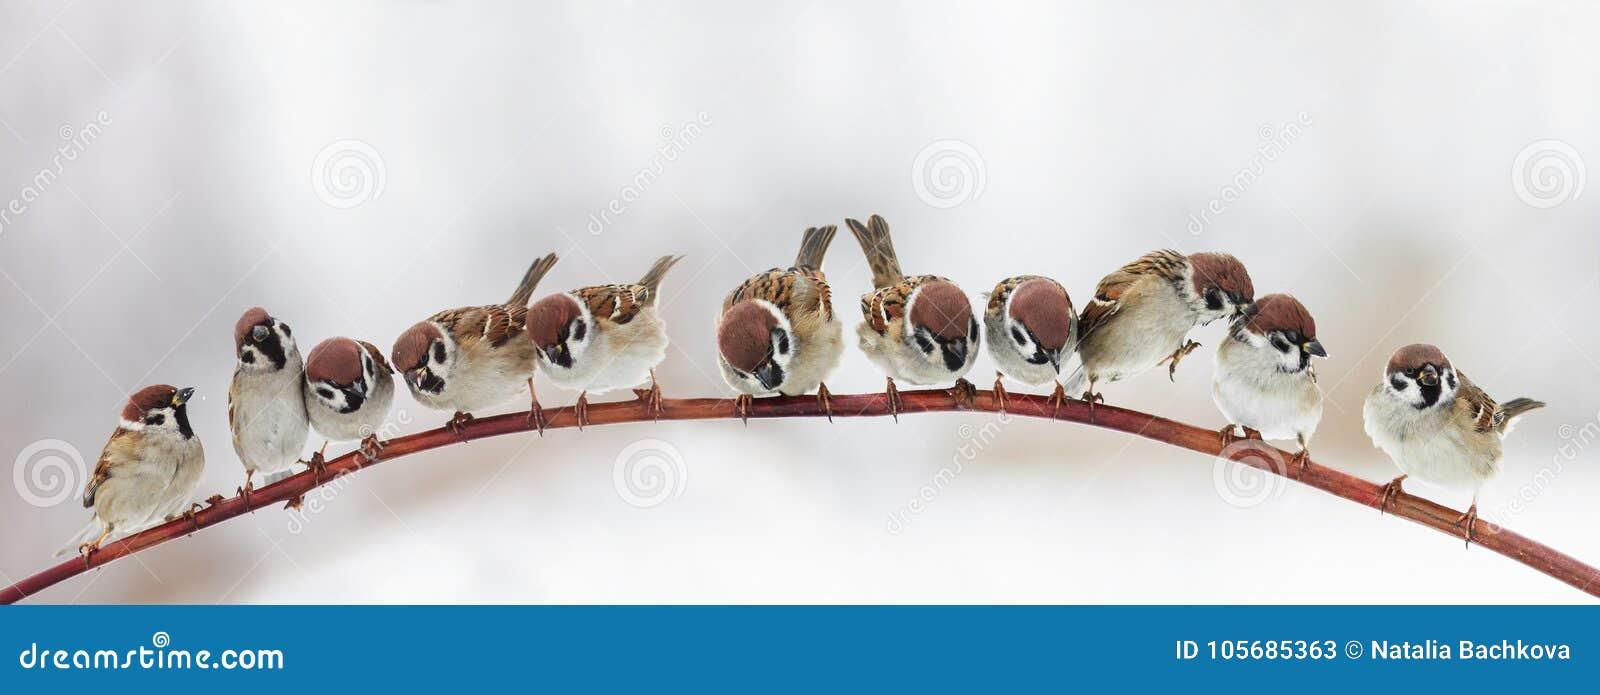 Упакуйте много смешных маленьких воробьев птиц сидя на ветви внутри